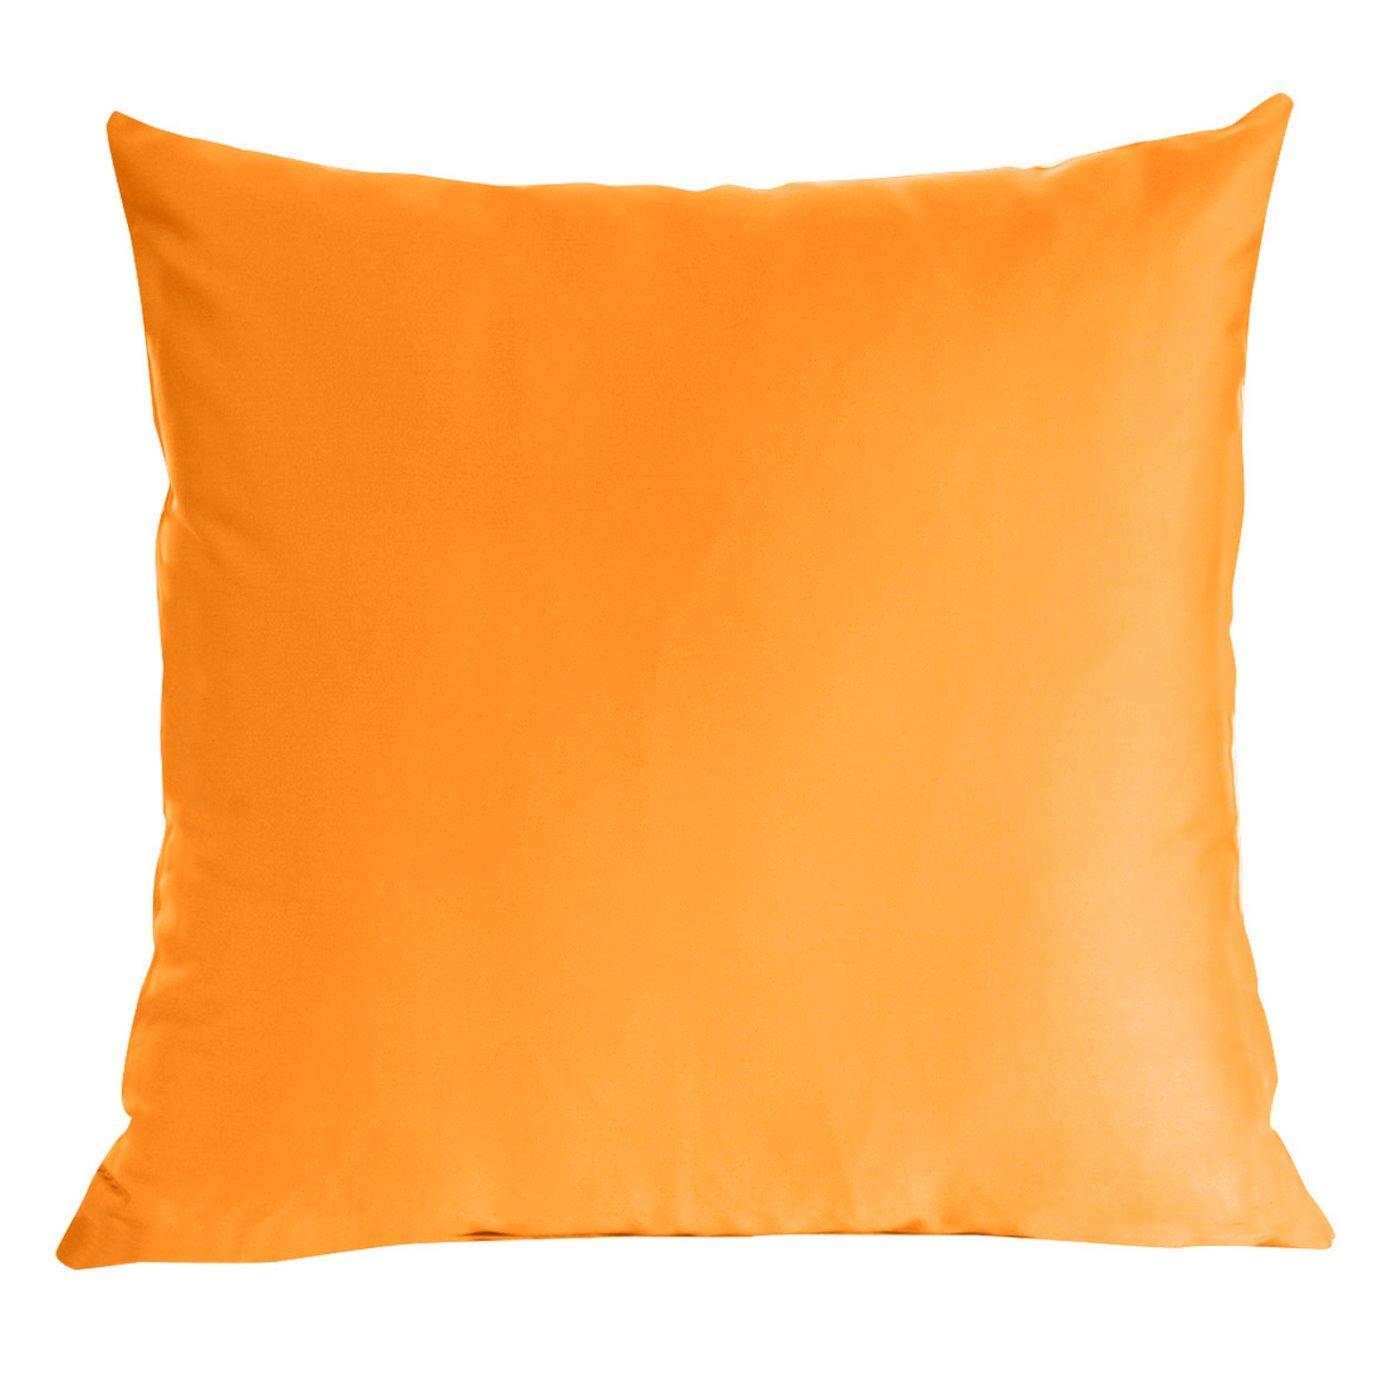 Poszewka dekoracyjna na poduszkę 50 x 70 kolor pomarańczowy